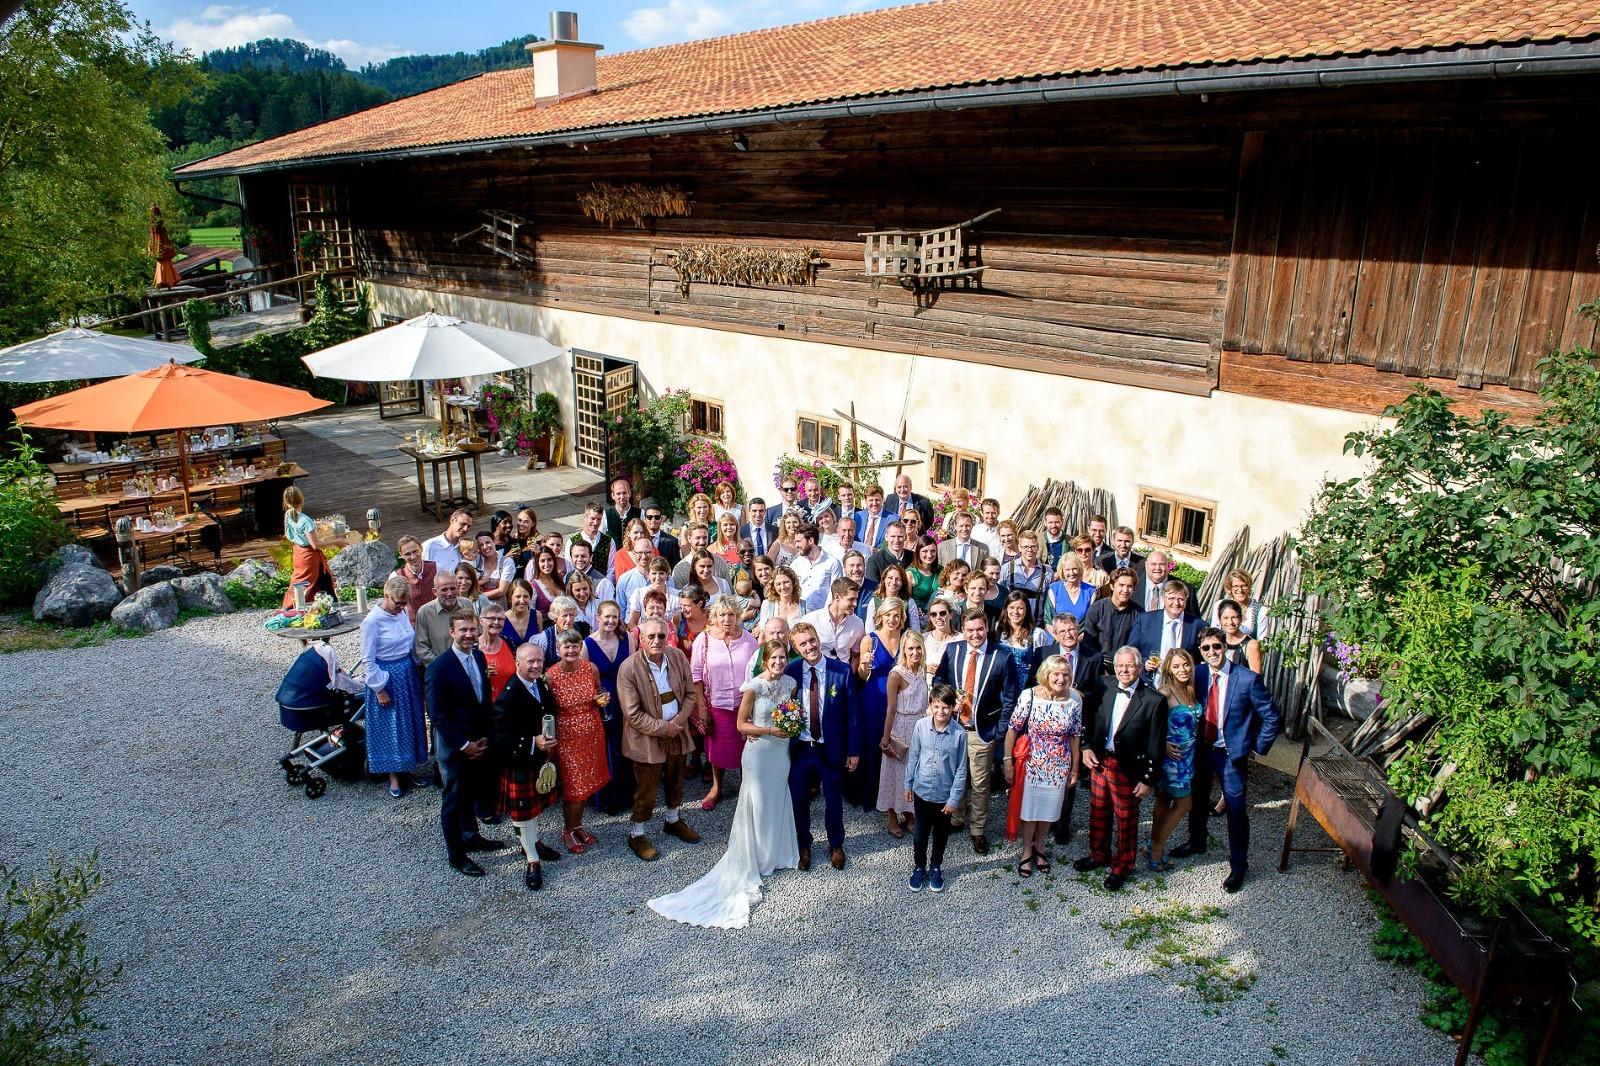 Hochzeitsfotograf München, Gruppenfoto bei einer Hochzeit im Hasenöhrlhof im Chiemgau